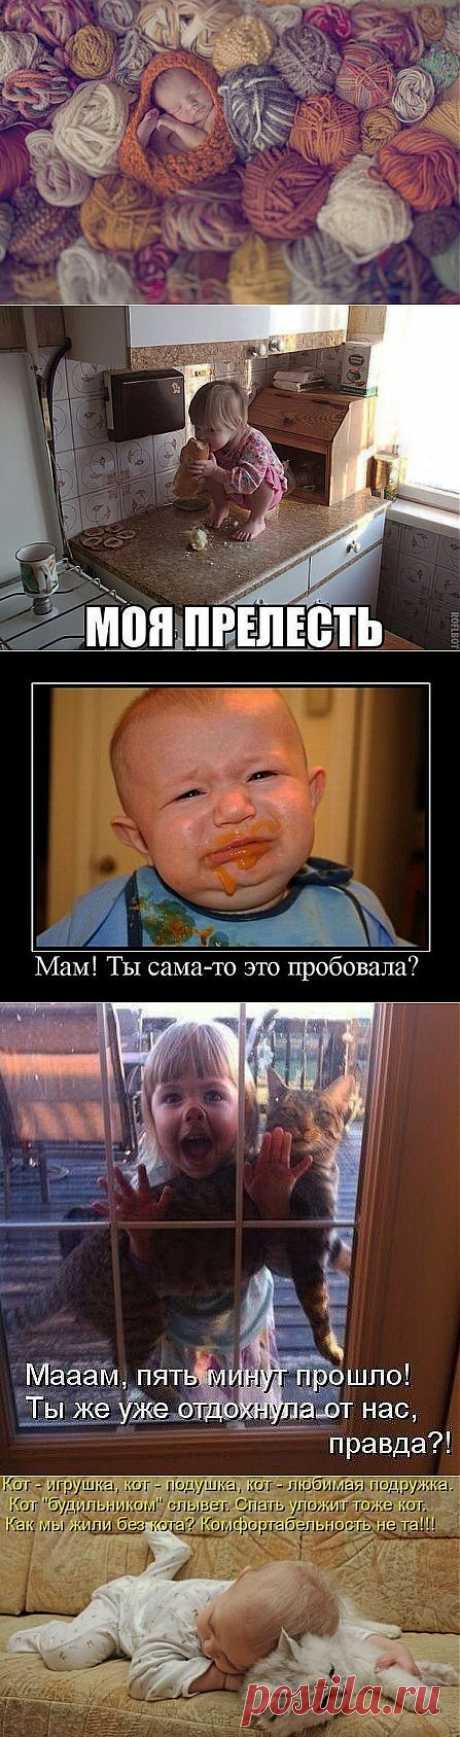 Дети всегда заставят улыбнуться)))   О наших детях